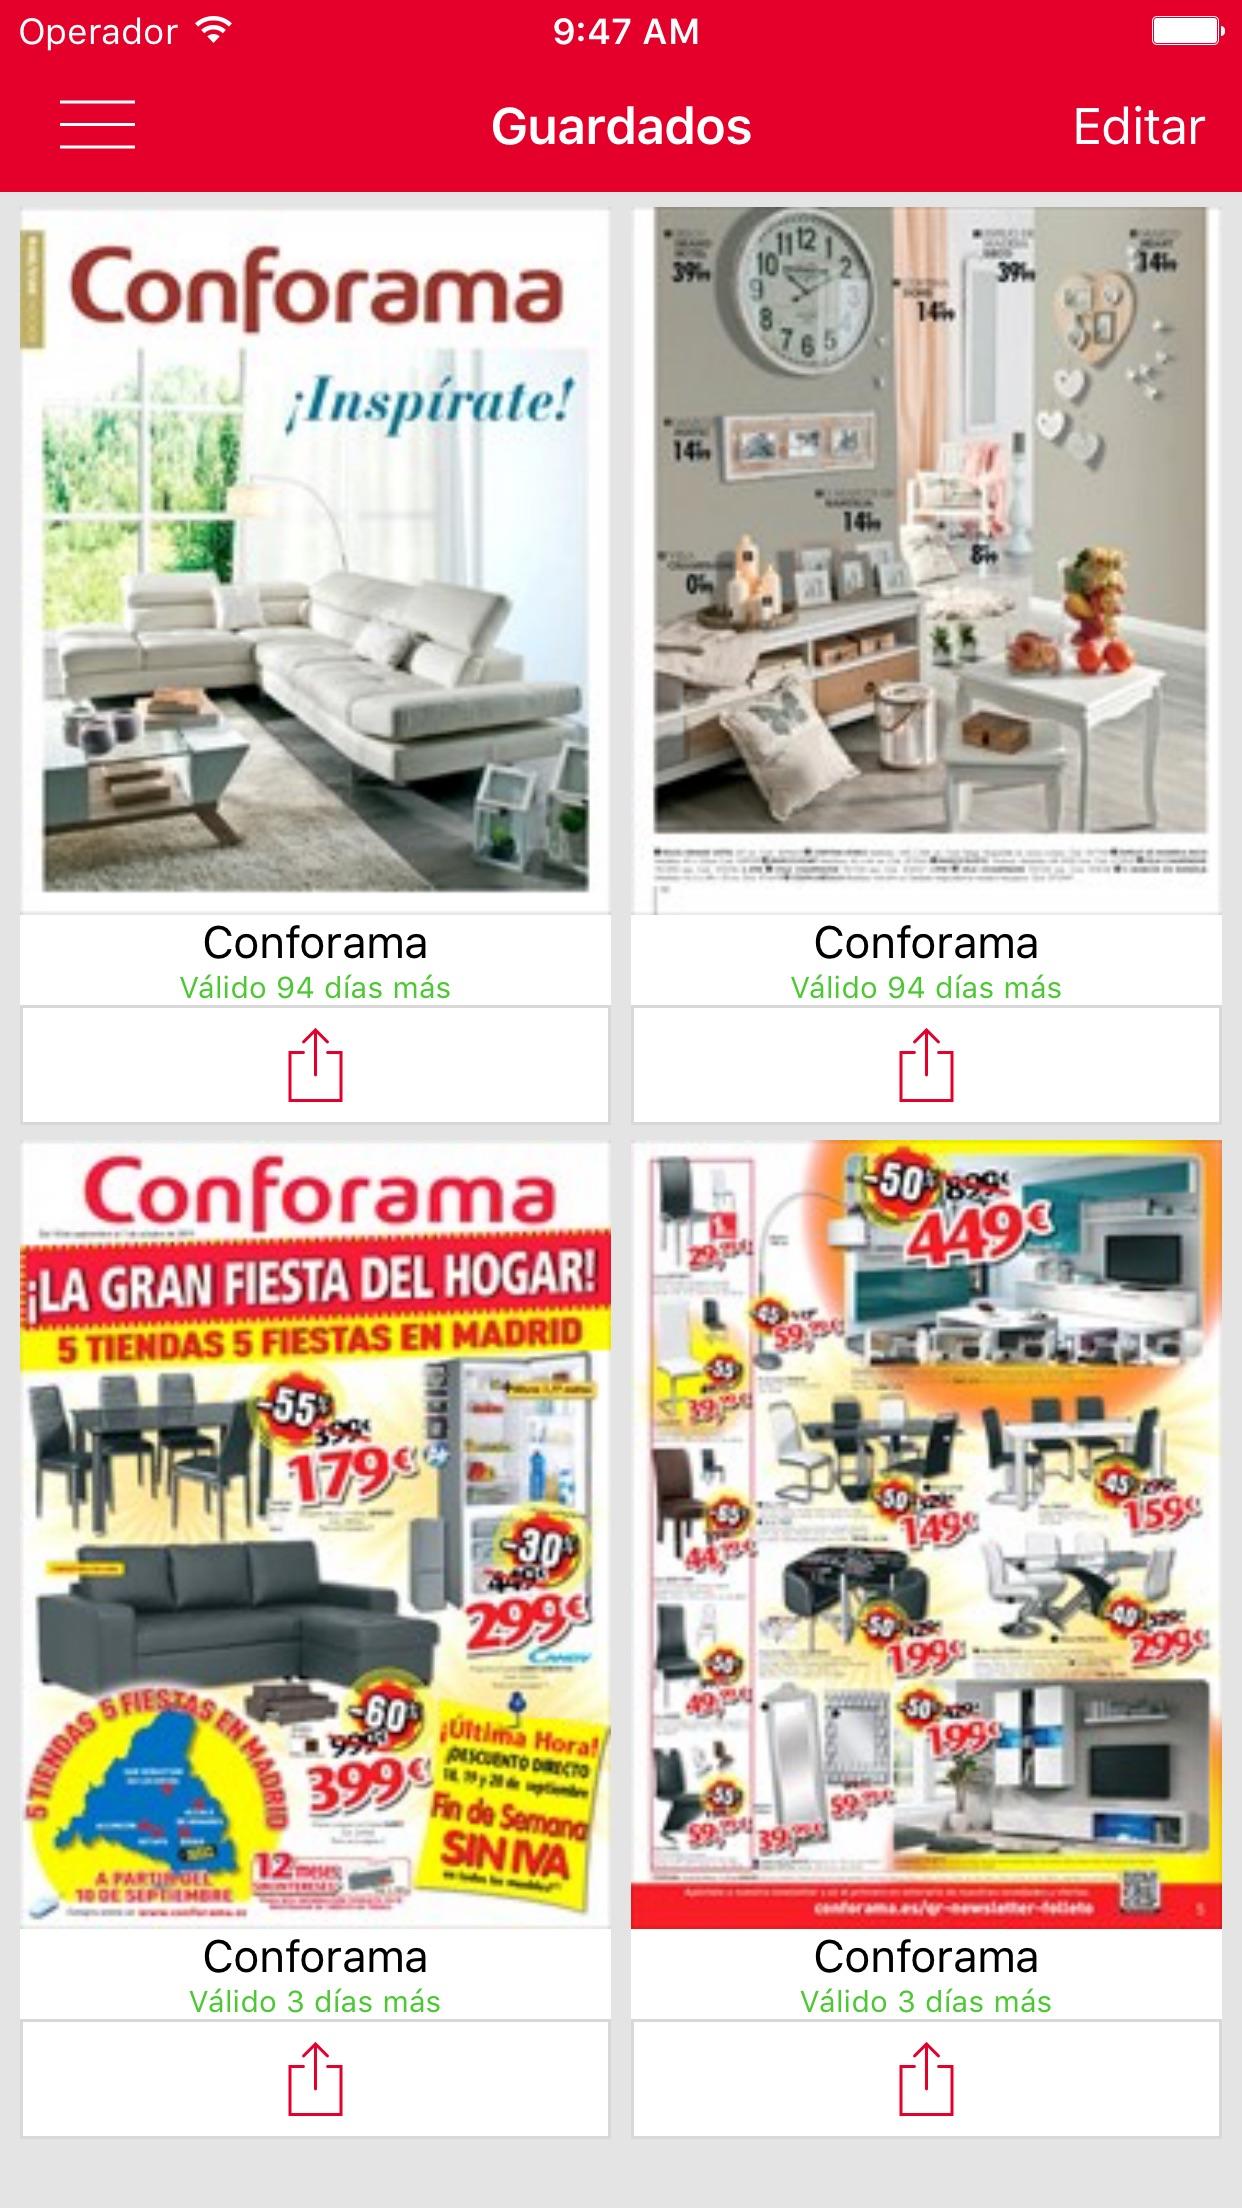 Conforama: Muebles&decoración Screenshot